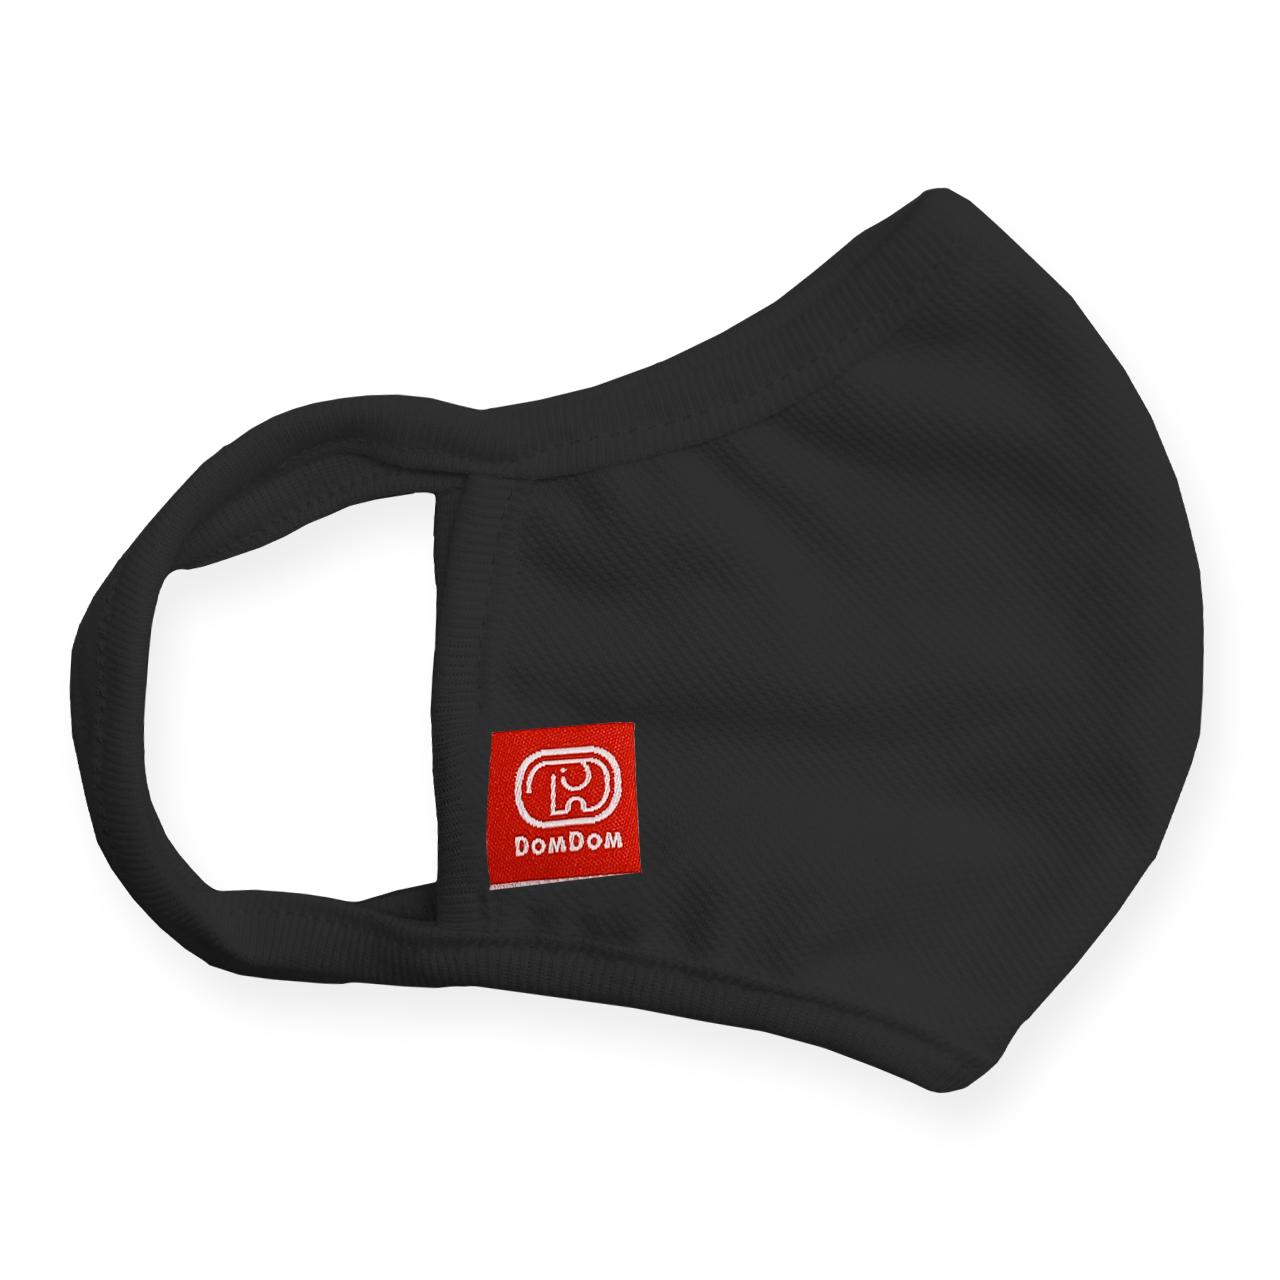 通販 マスク ドムドム バーガー